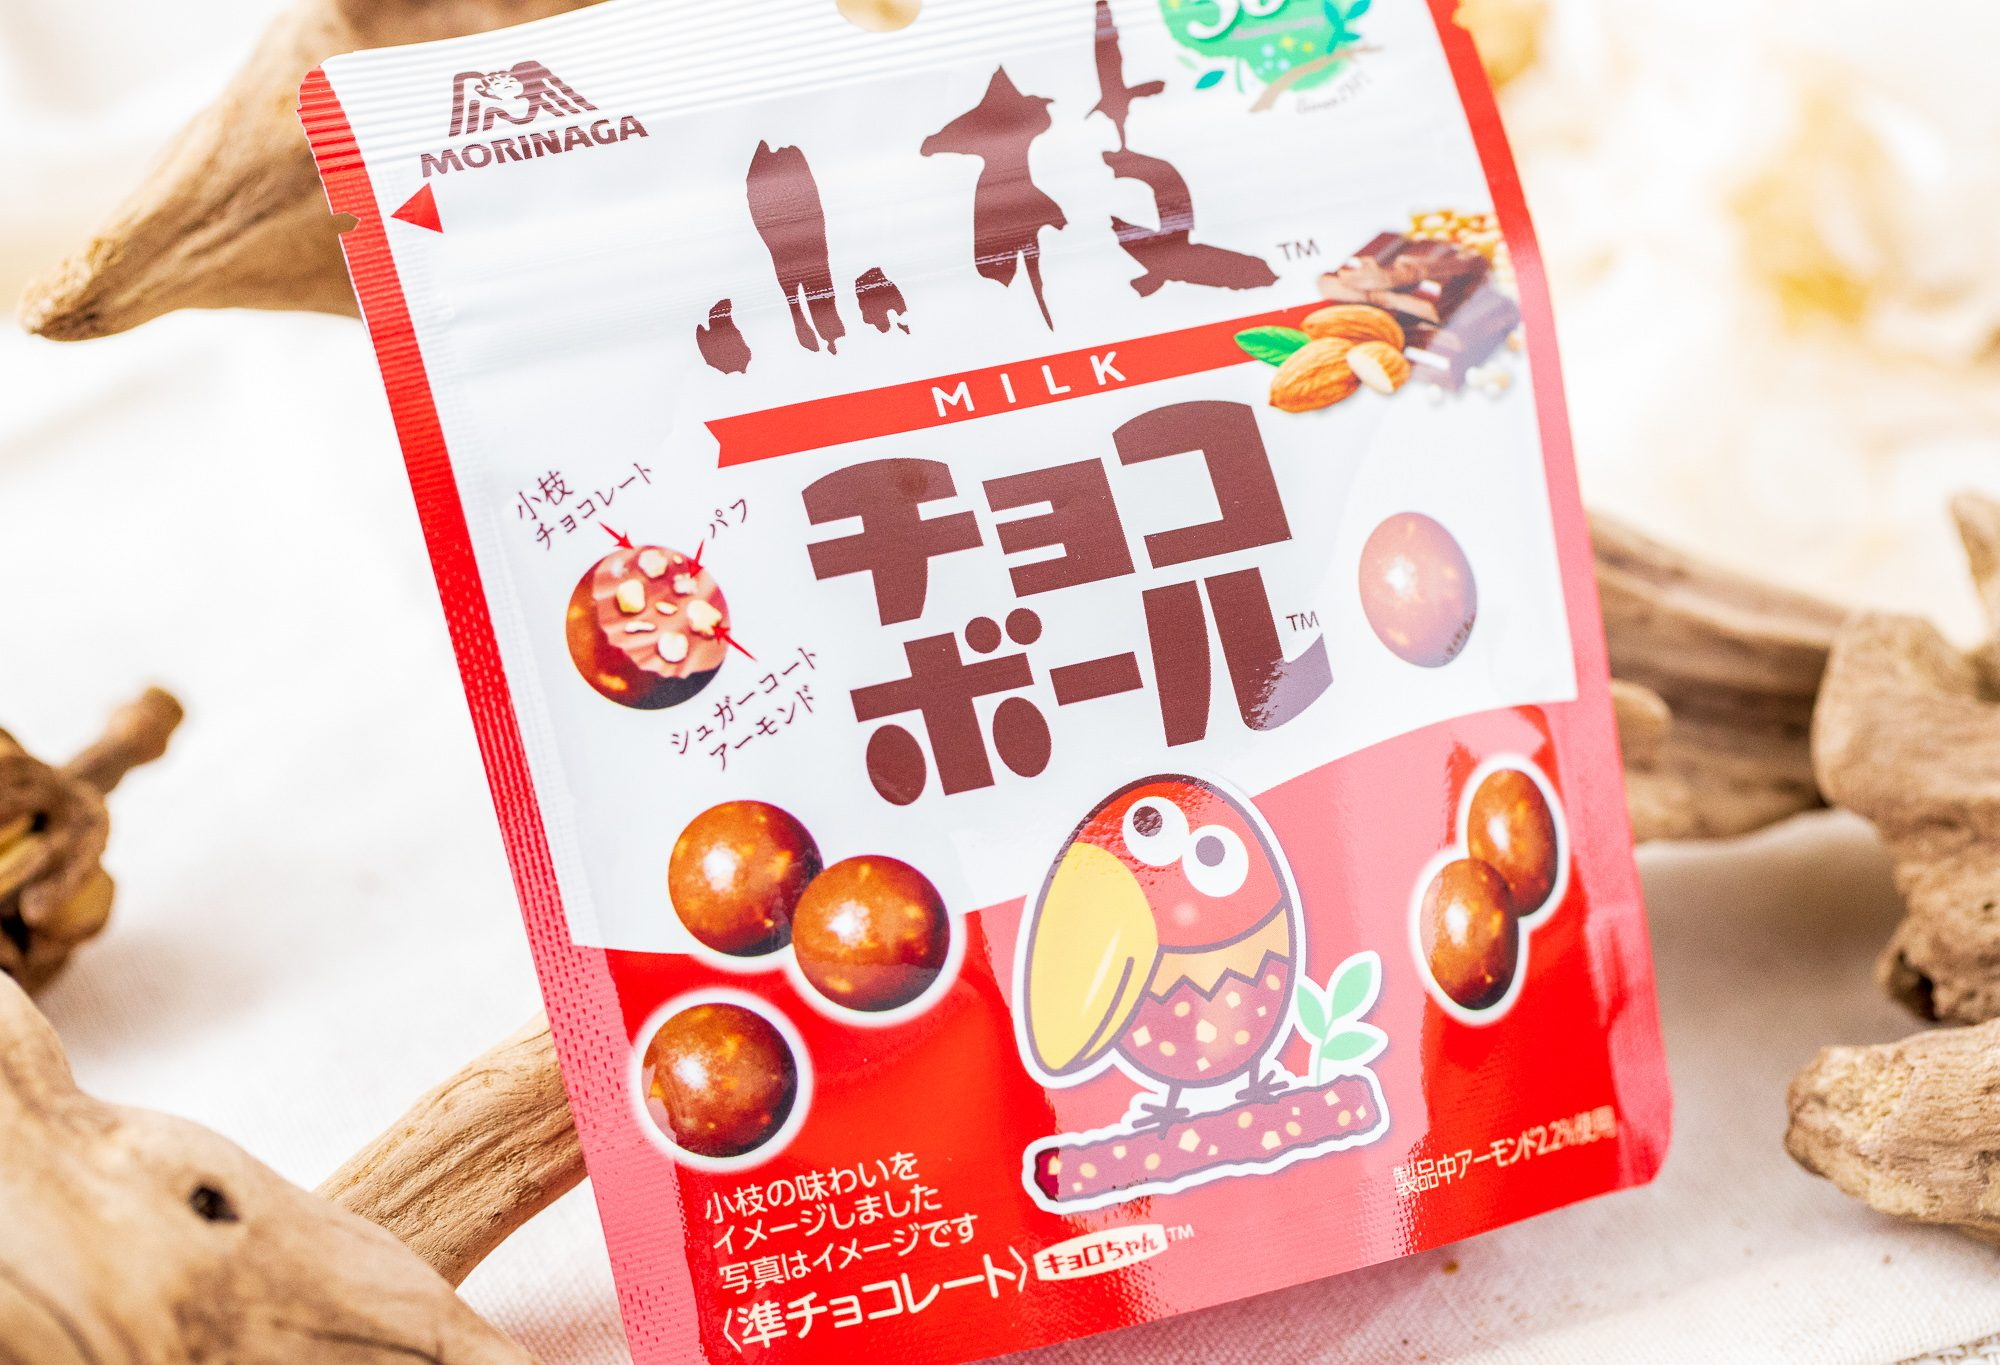 森永製菓『小枝のチョコボール』は軽やか食感のパフとアーモンドが甘いミルクチョコレートと合わさり安定の美味しさ◎